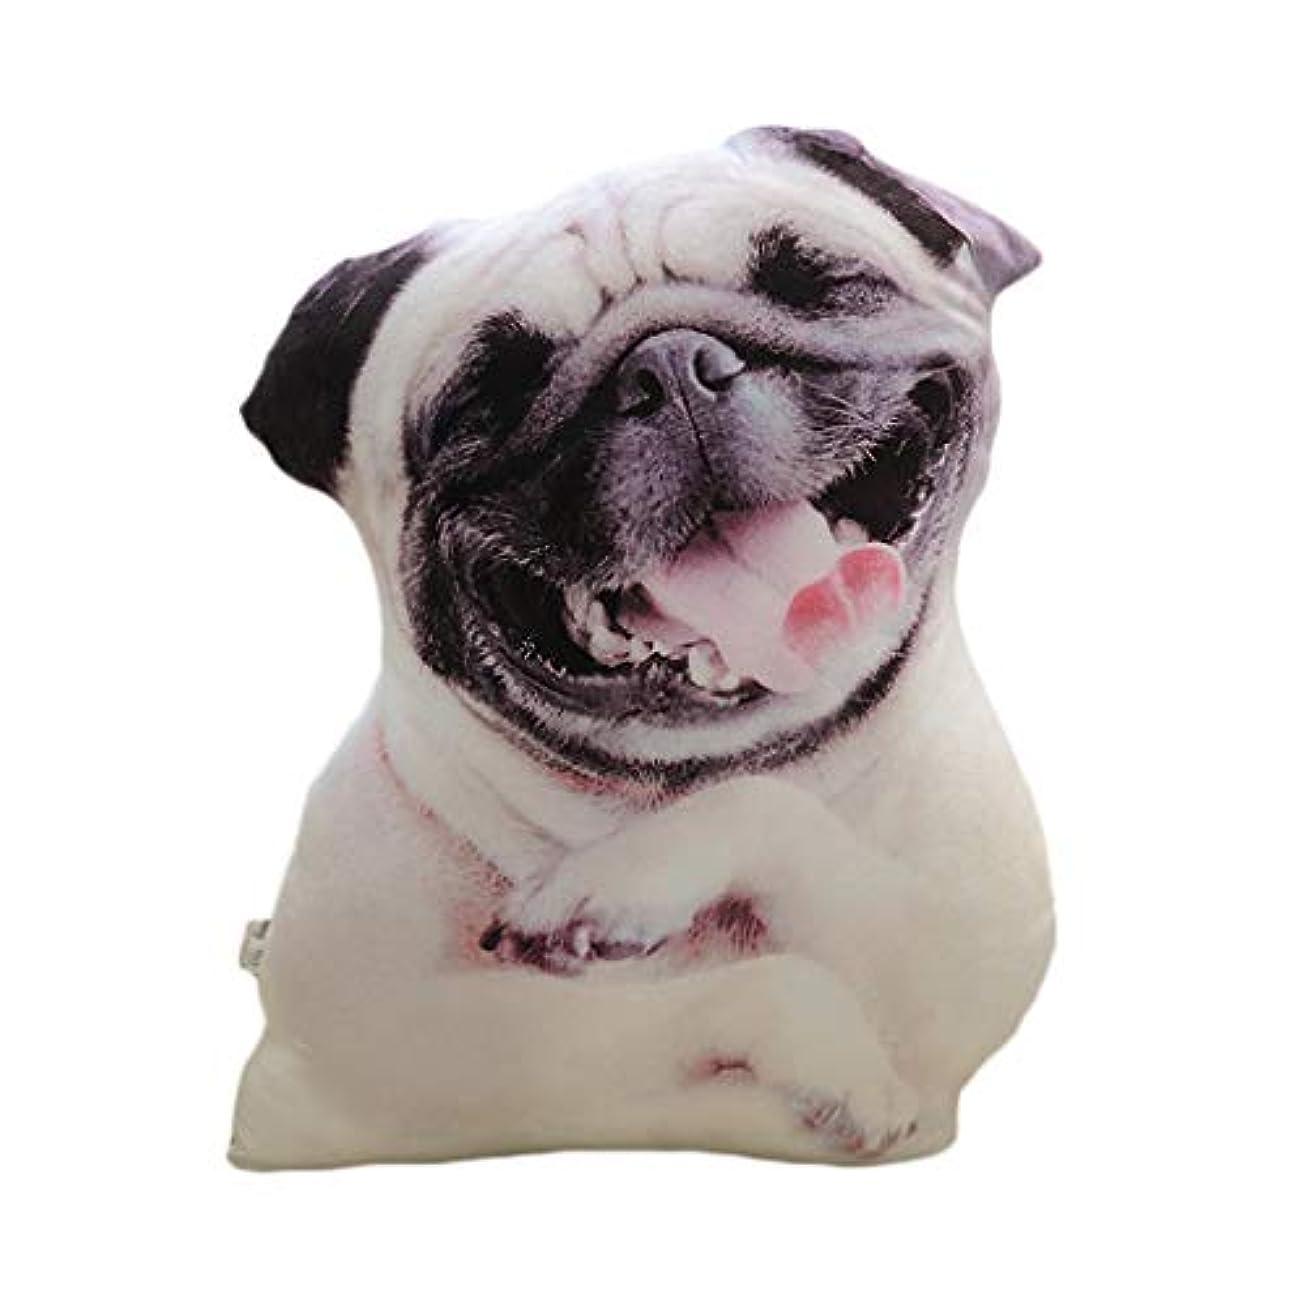 文明化代表して空いているLIFE 装飾クッションソファおかしい 3D 犬印刷スロー枕創造クッションかわいいぬいぐるみギフト家の装飾 coussin decoratif クッション 椅子